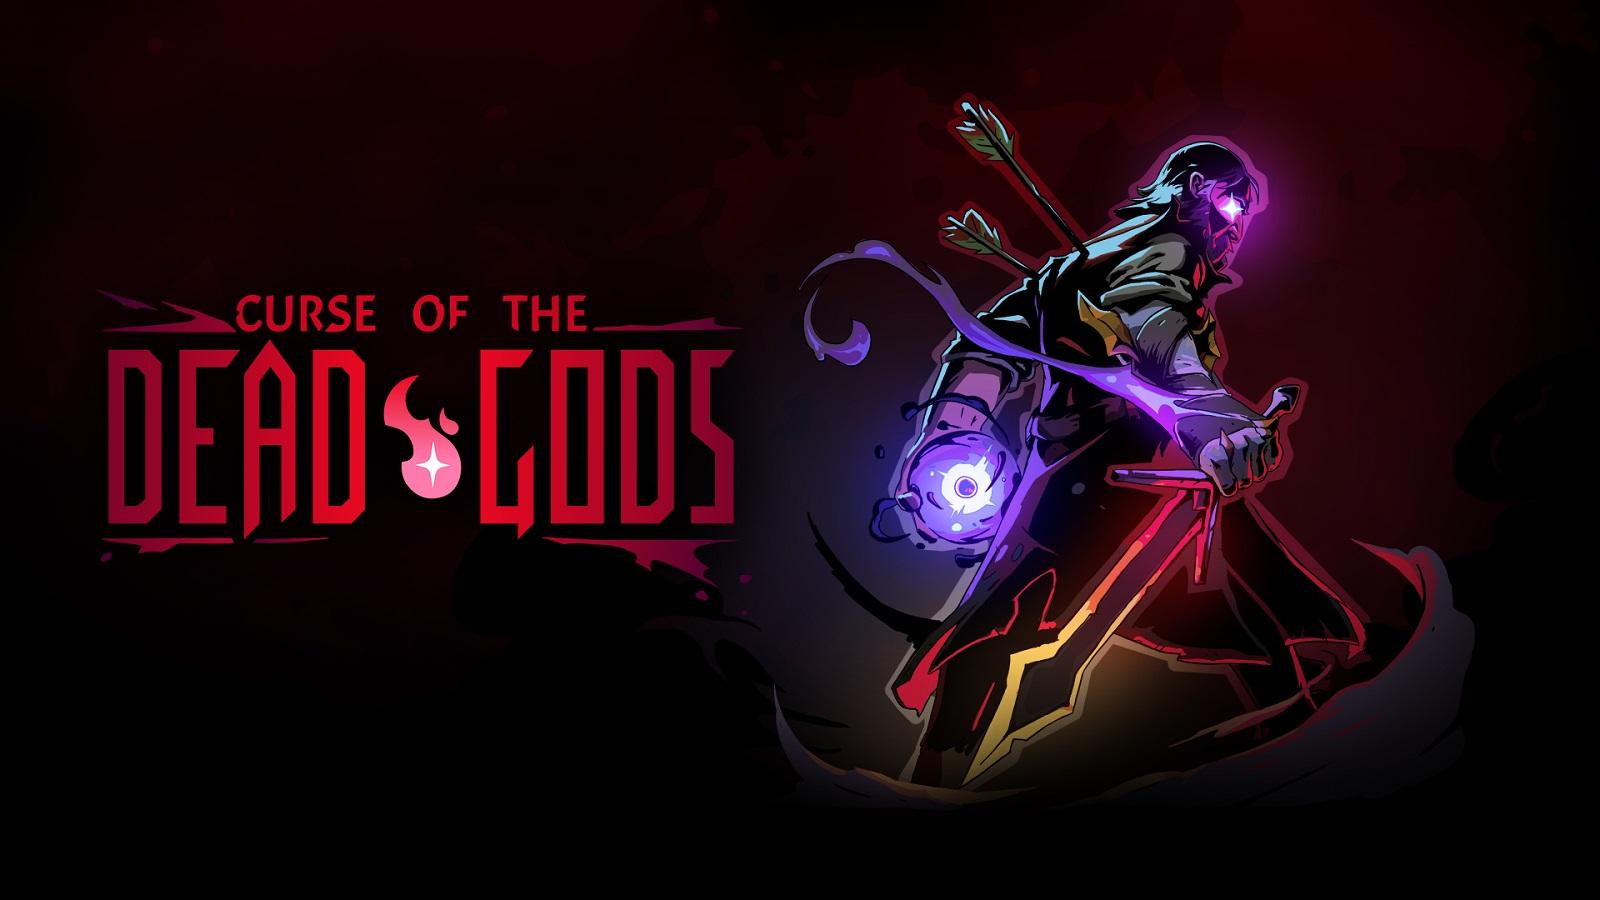 Для Curse of the Dead Gods выпустят бесплатное обновление с контентом по мотивам Dead Cells